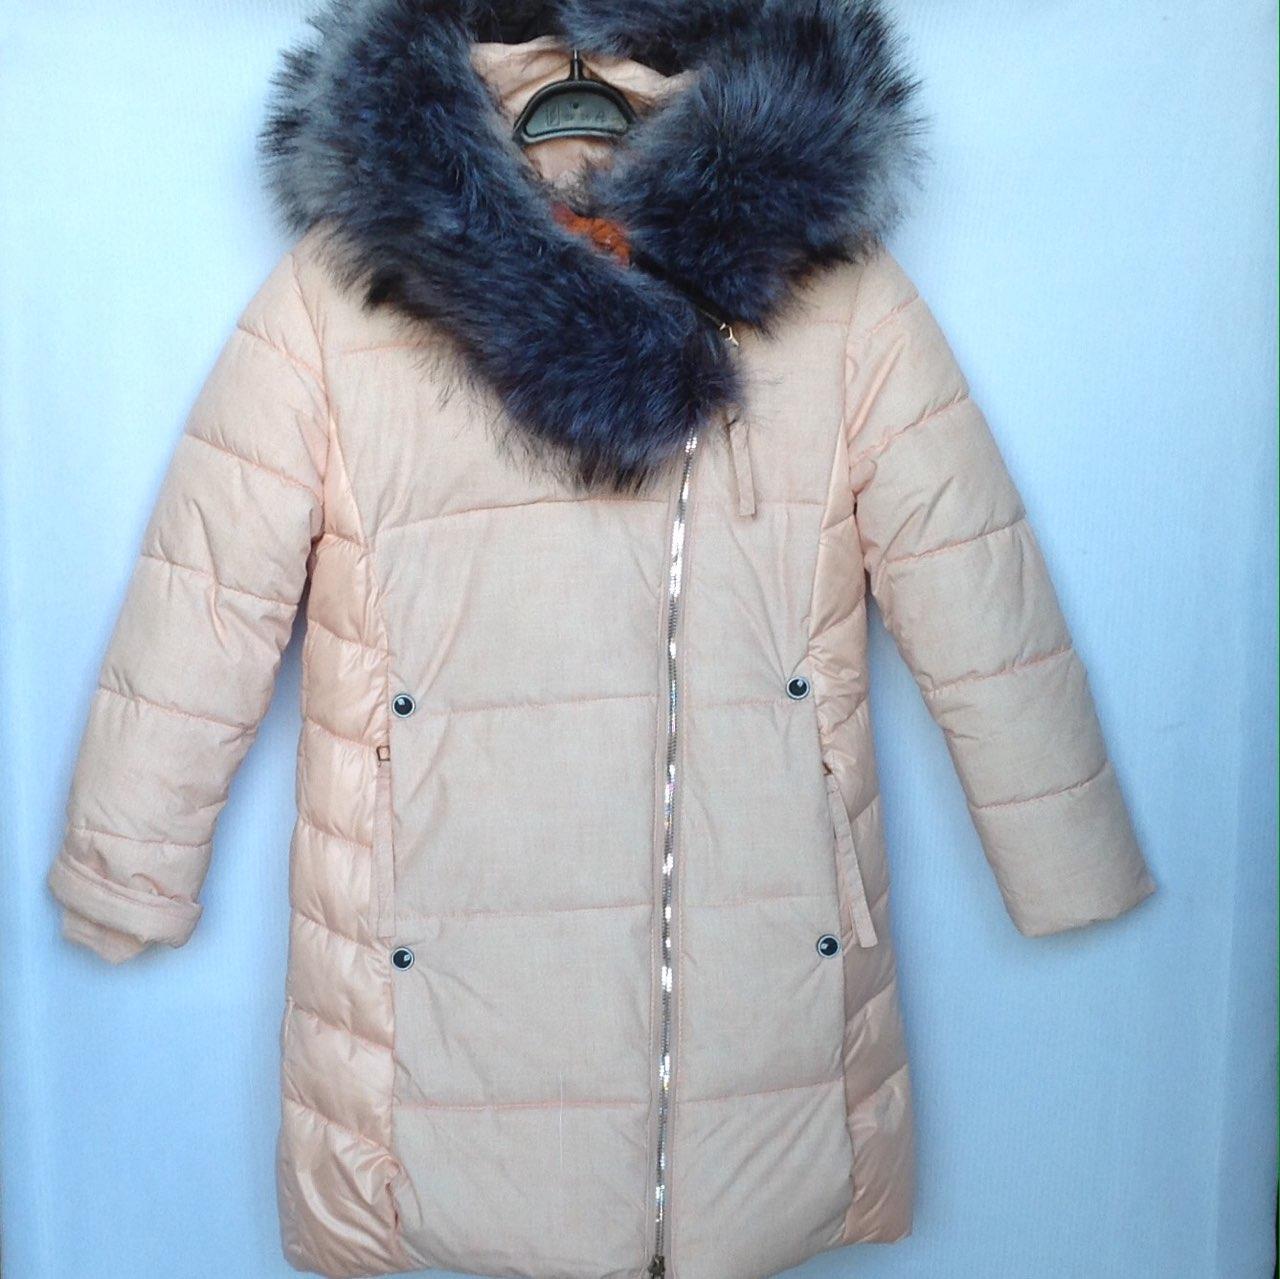 Куртка-пальто подростковая зимняя MaliM #1756 для девочек. 128-152 см (8-12 лет). Бежевая. Оптом.